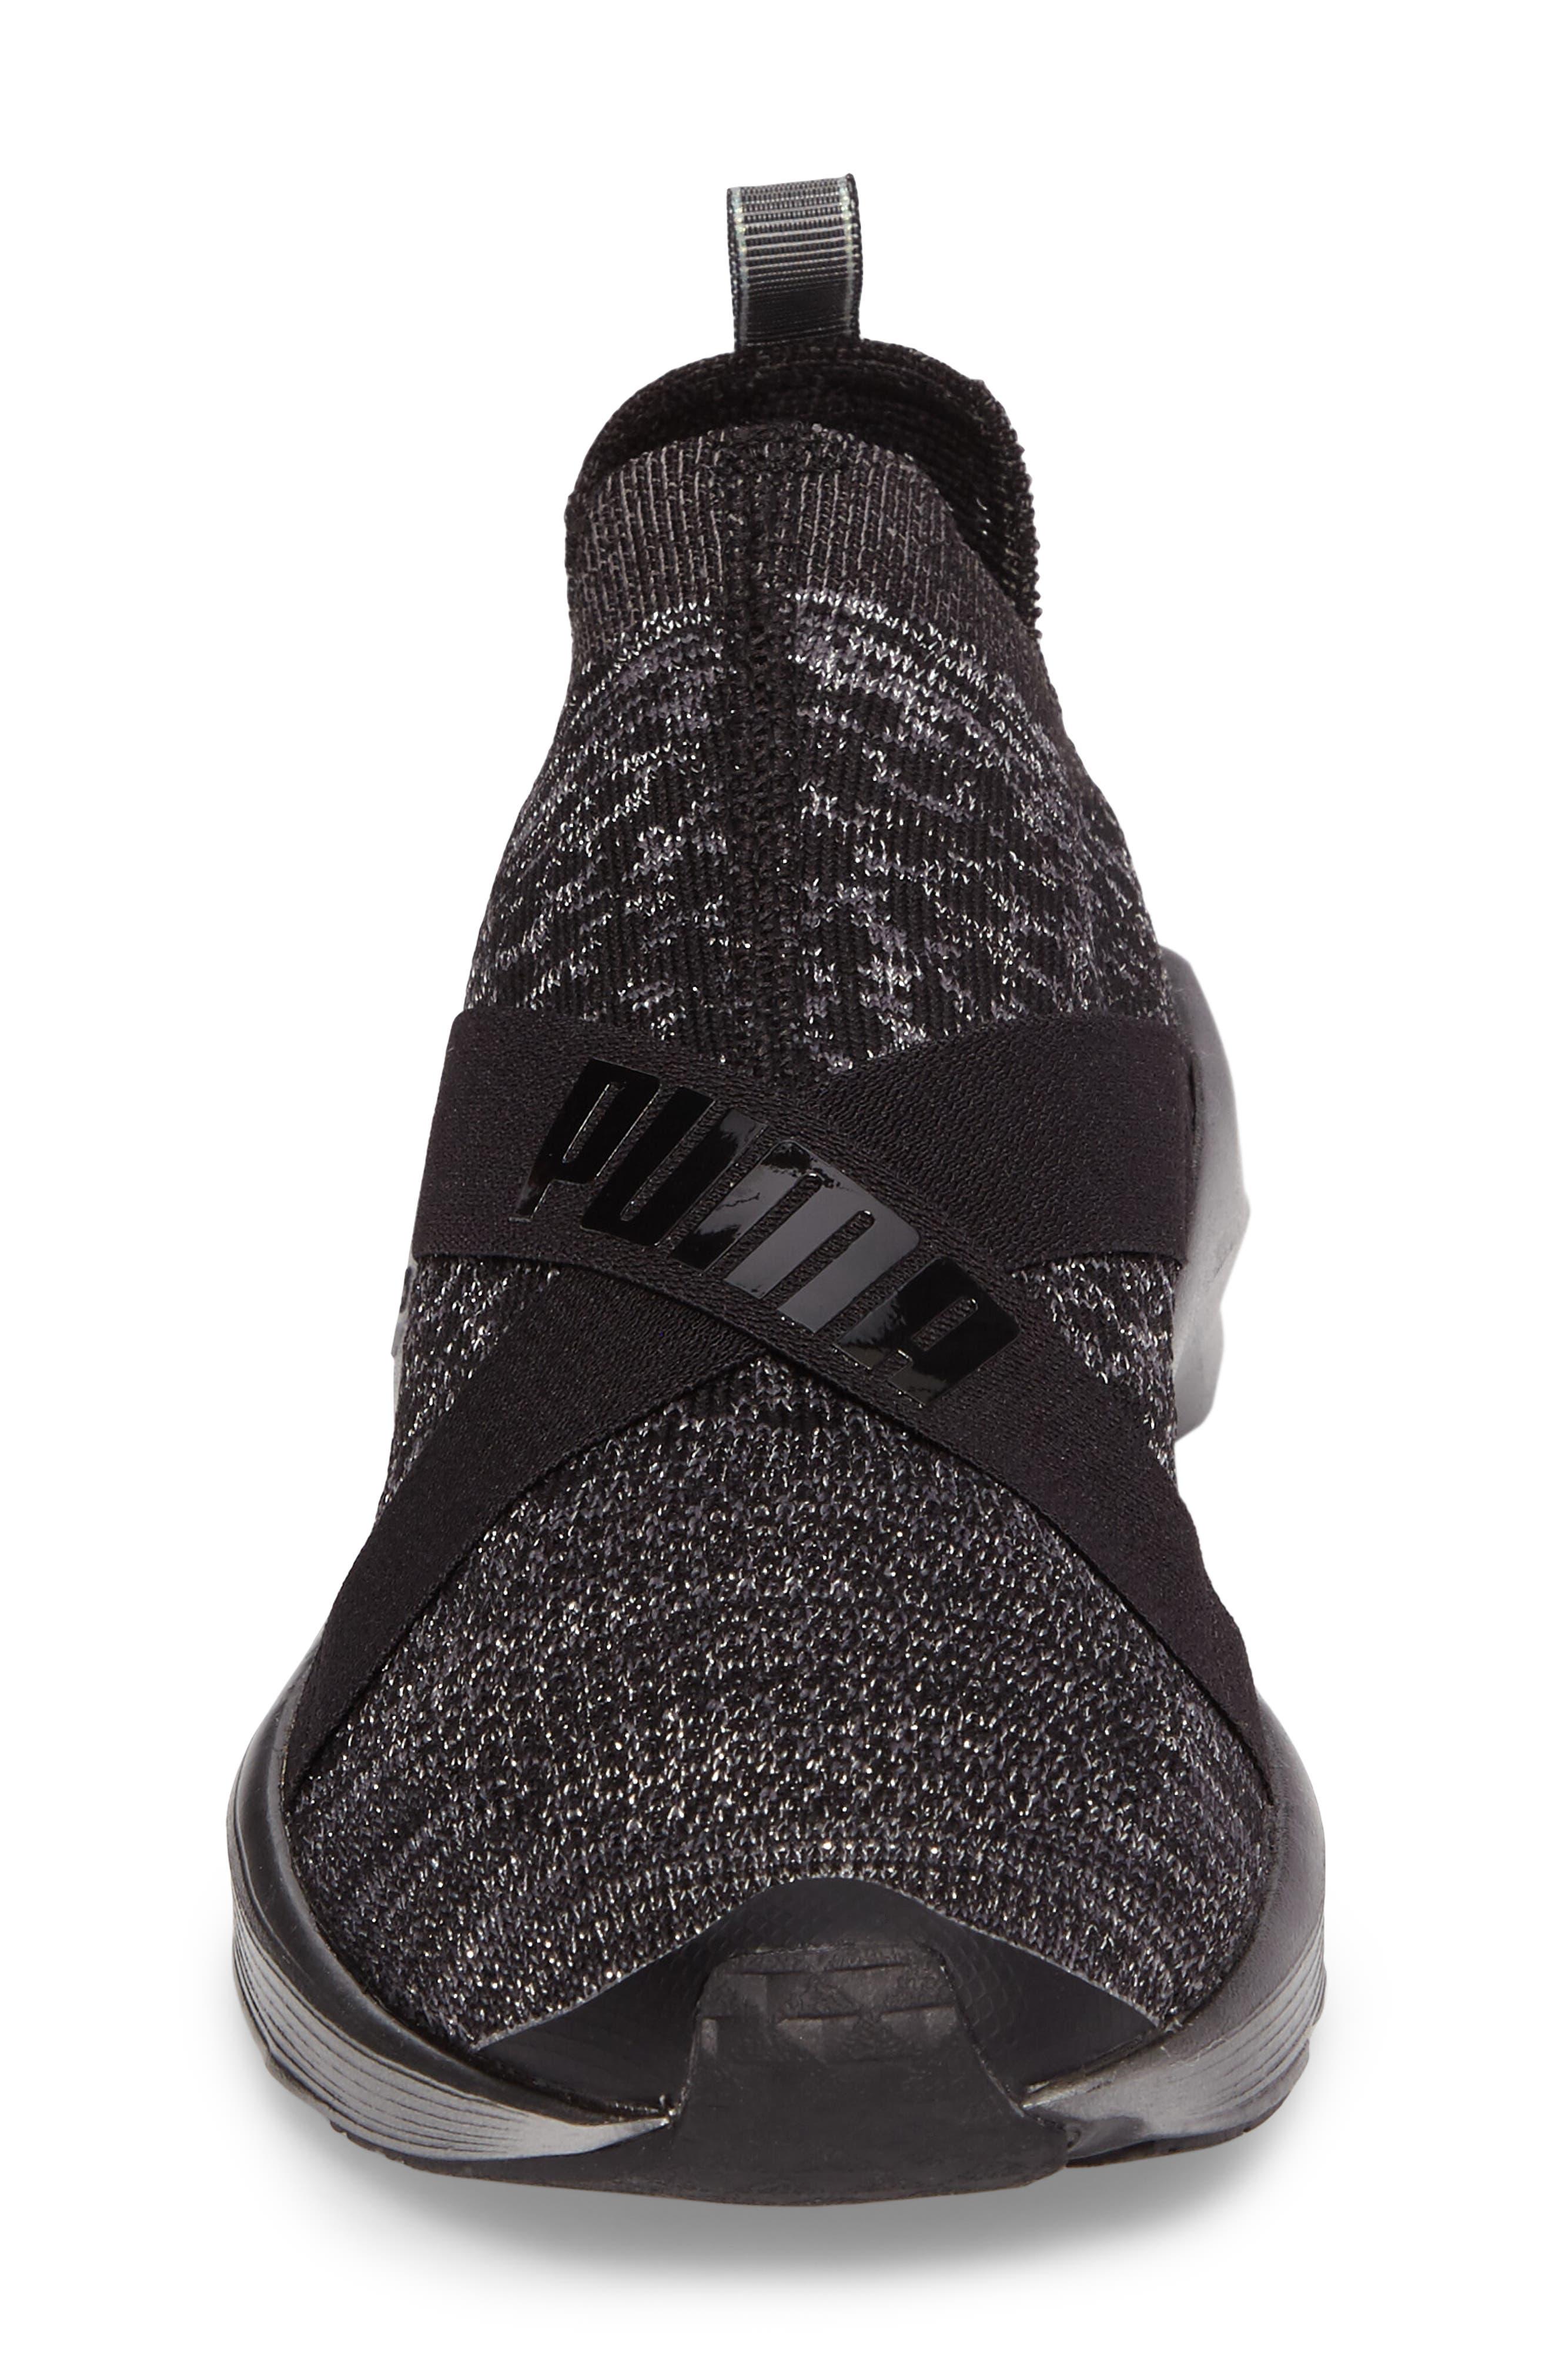 Fierce evoKnit Training Sneaker,                             Alternate thumbnail 4, color,                             003